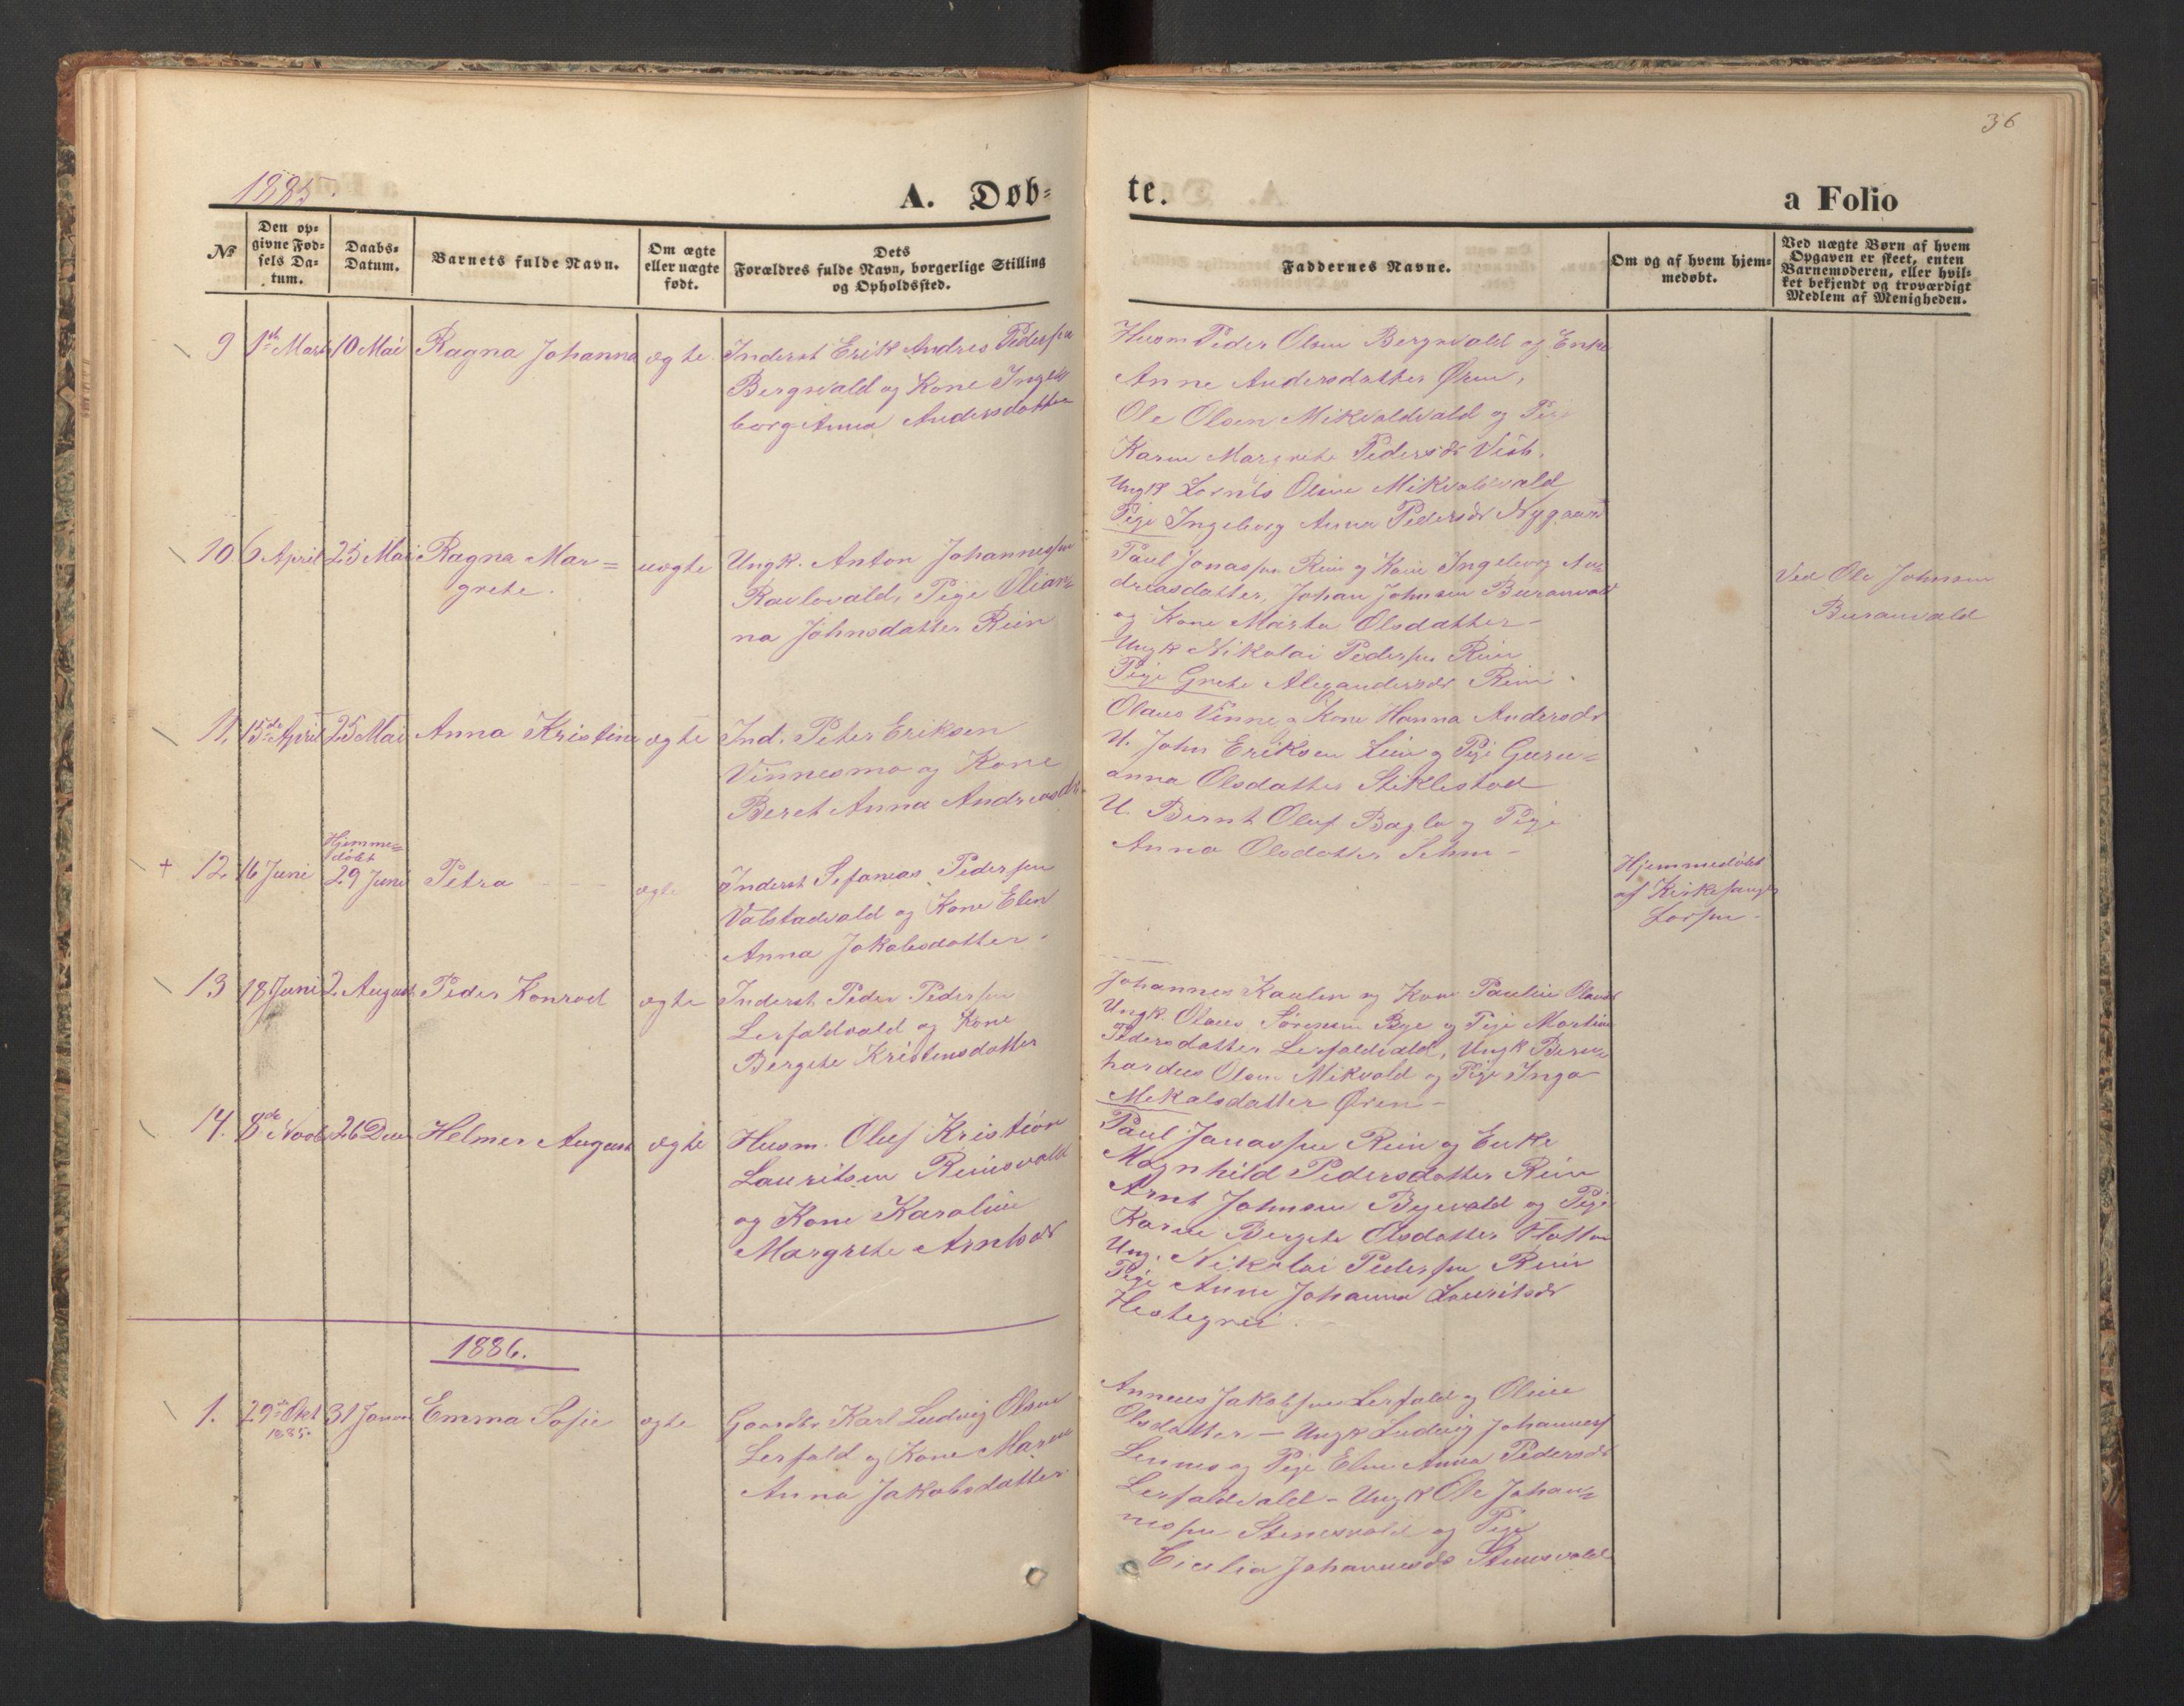 SAT, Ministerialprotokoller, klokkerbøker og fødselsregistre - Nord-Trøndelag, 726/L0271: Klokkerbok nr. 726C02, 1869-1897, s. 36